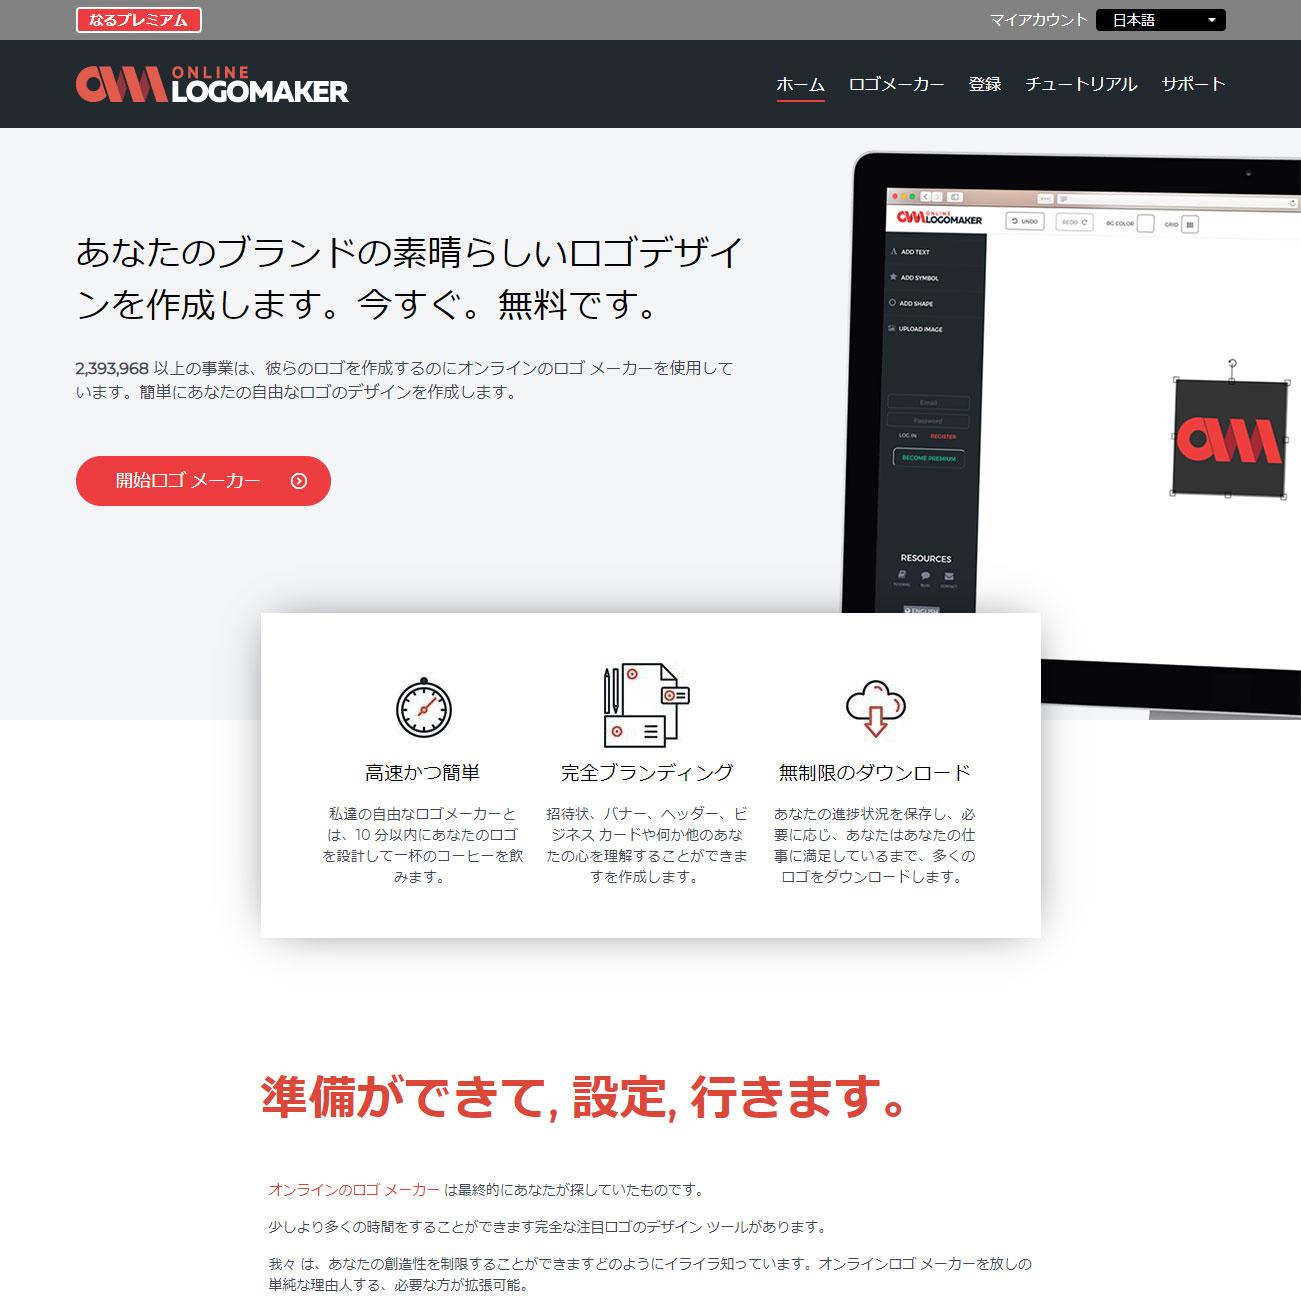 オンラインロゴメーカー